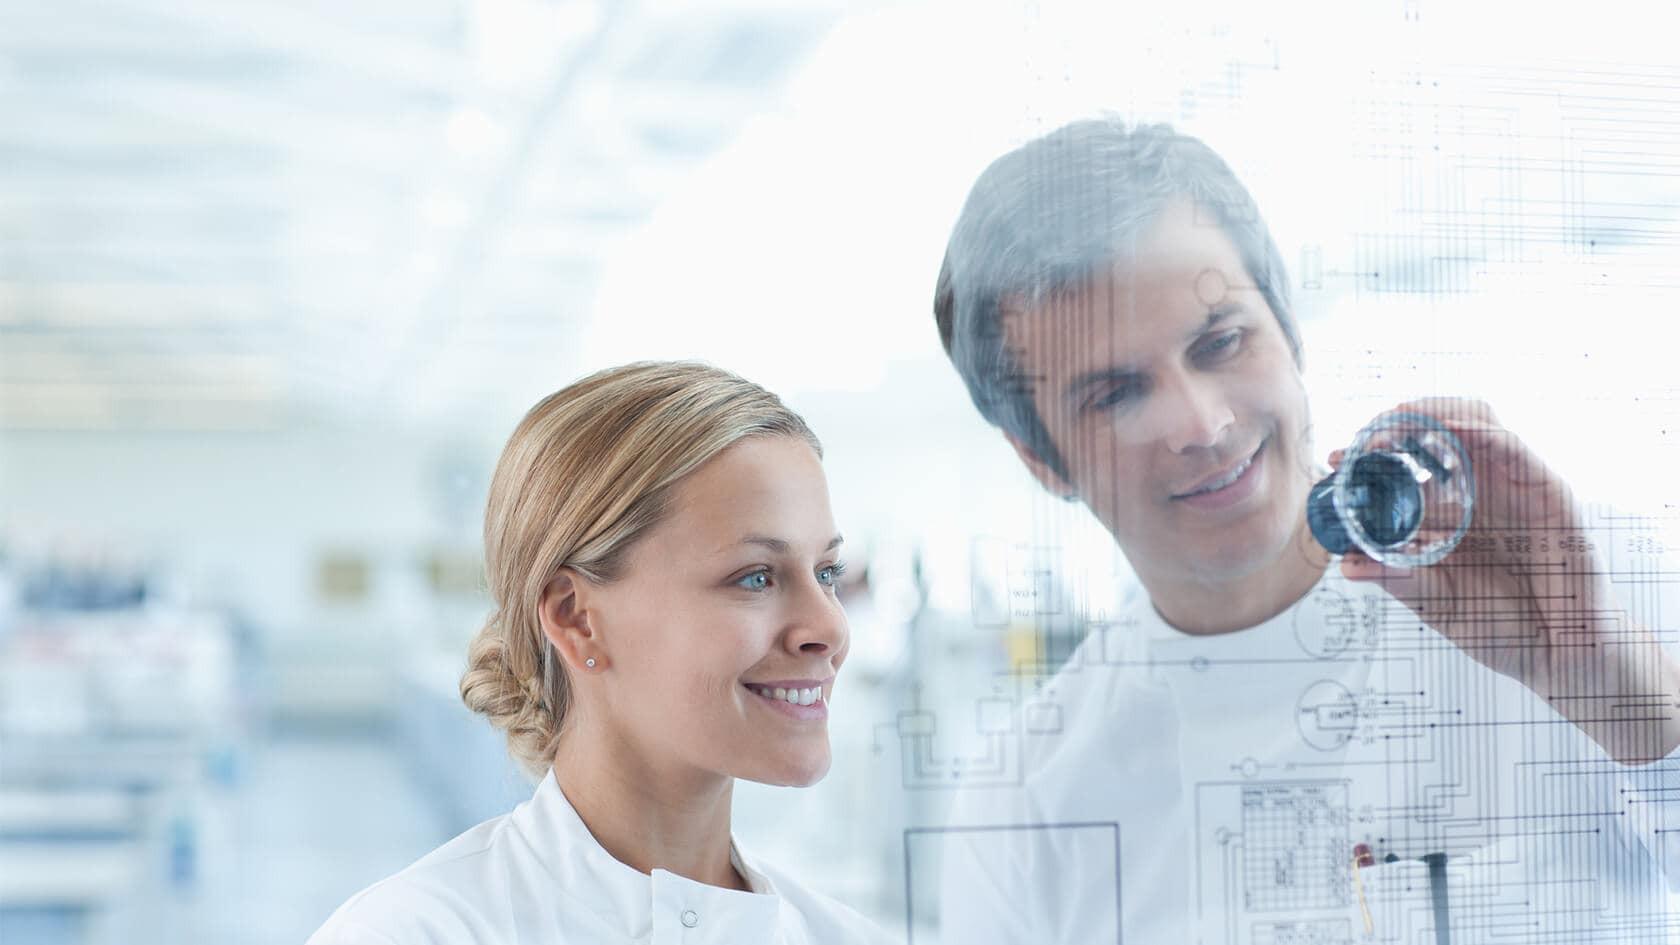 Eine Frau und ein Mann in Laborkleidung schauen sich gemeinsam eine Zeichnung auf Plexiglas an.